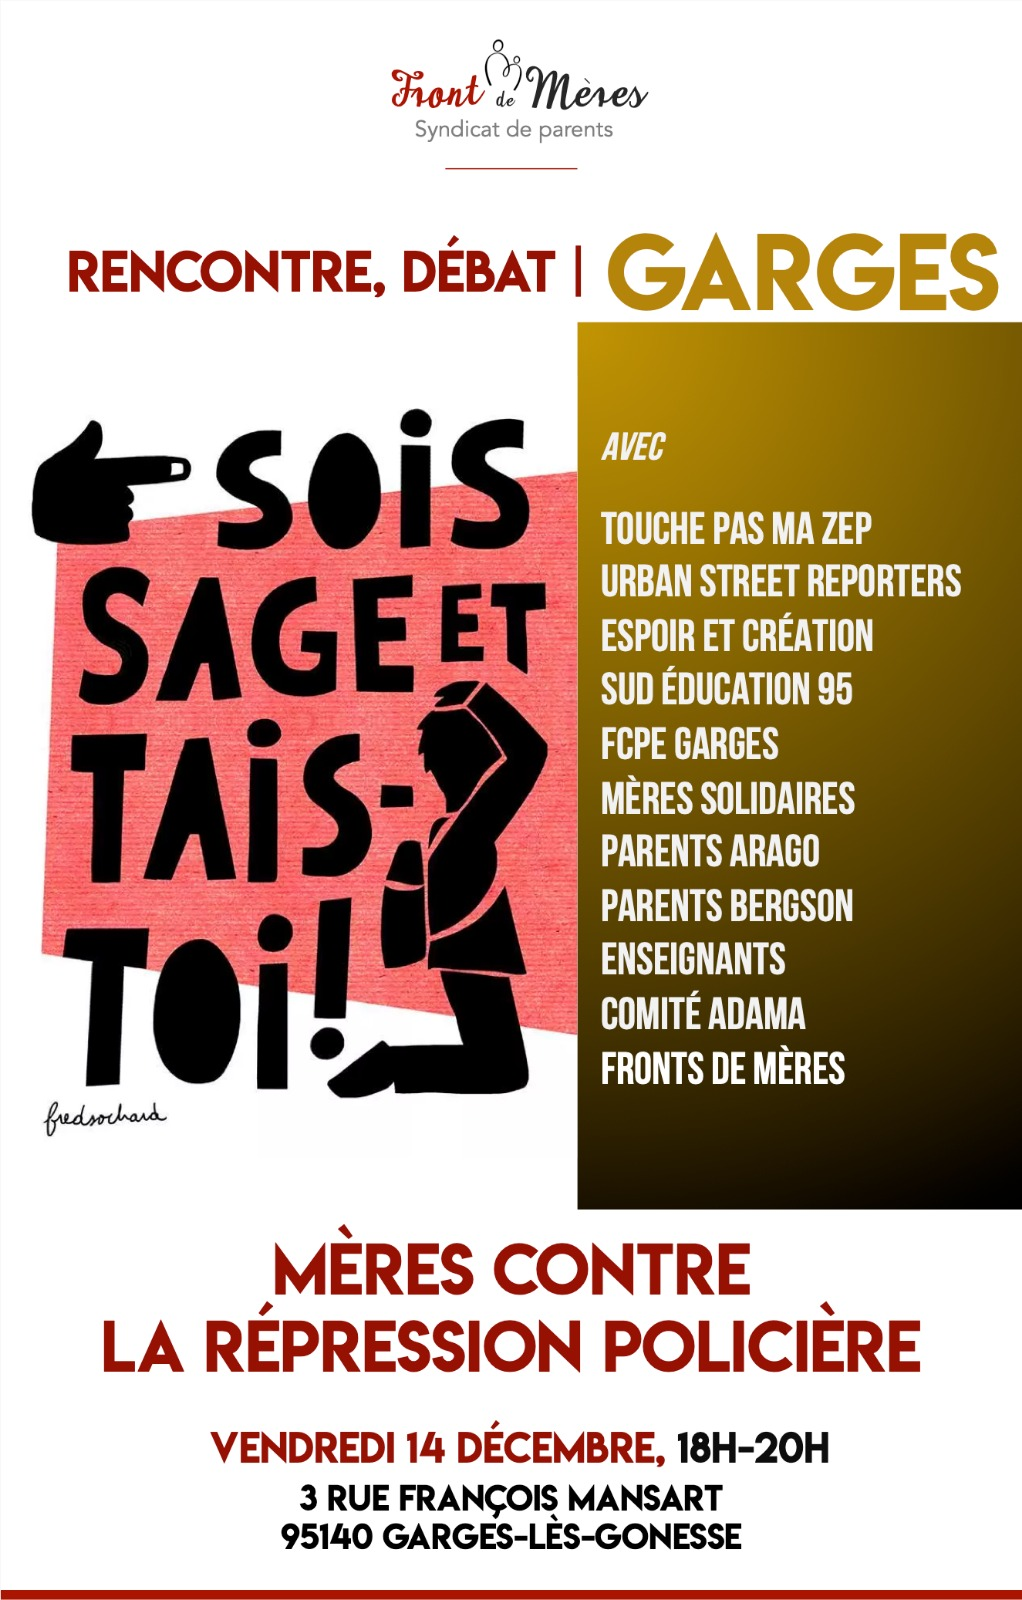 Violences policières: rencontre vendredi 14/12 avec le Front de mères à Garges-lès-Gonesse